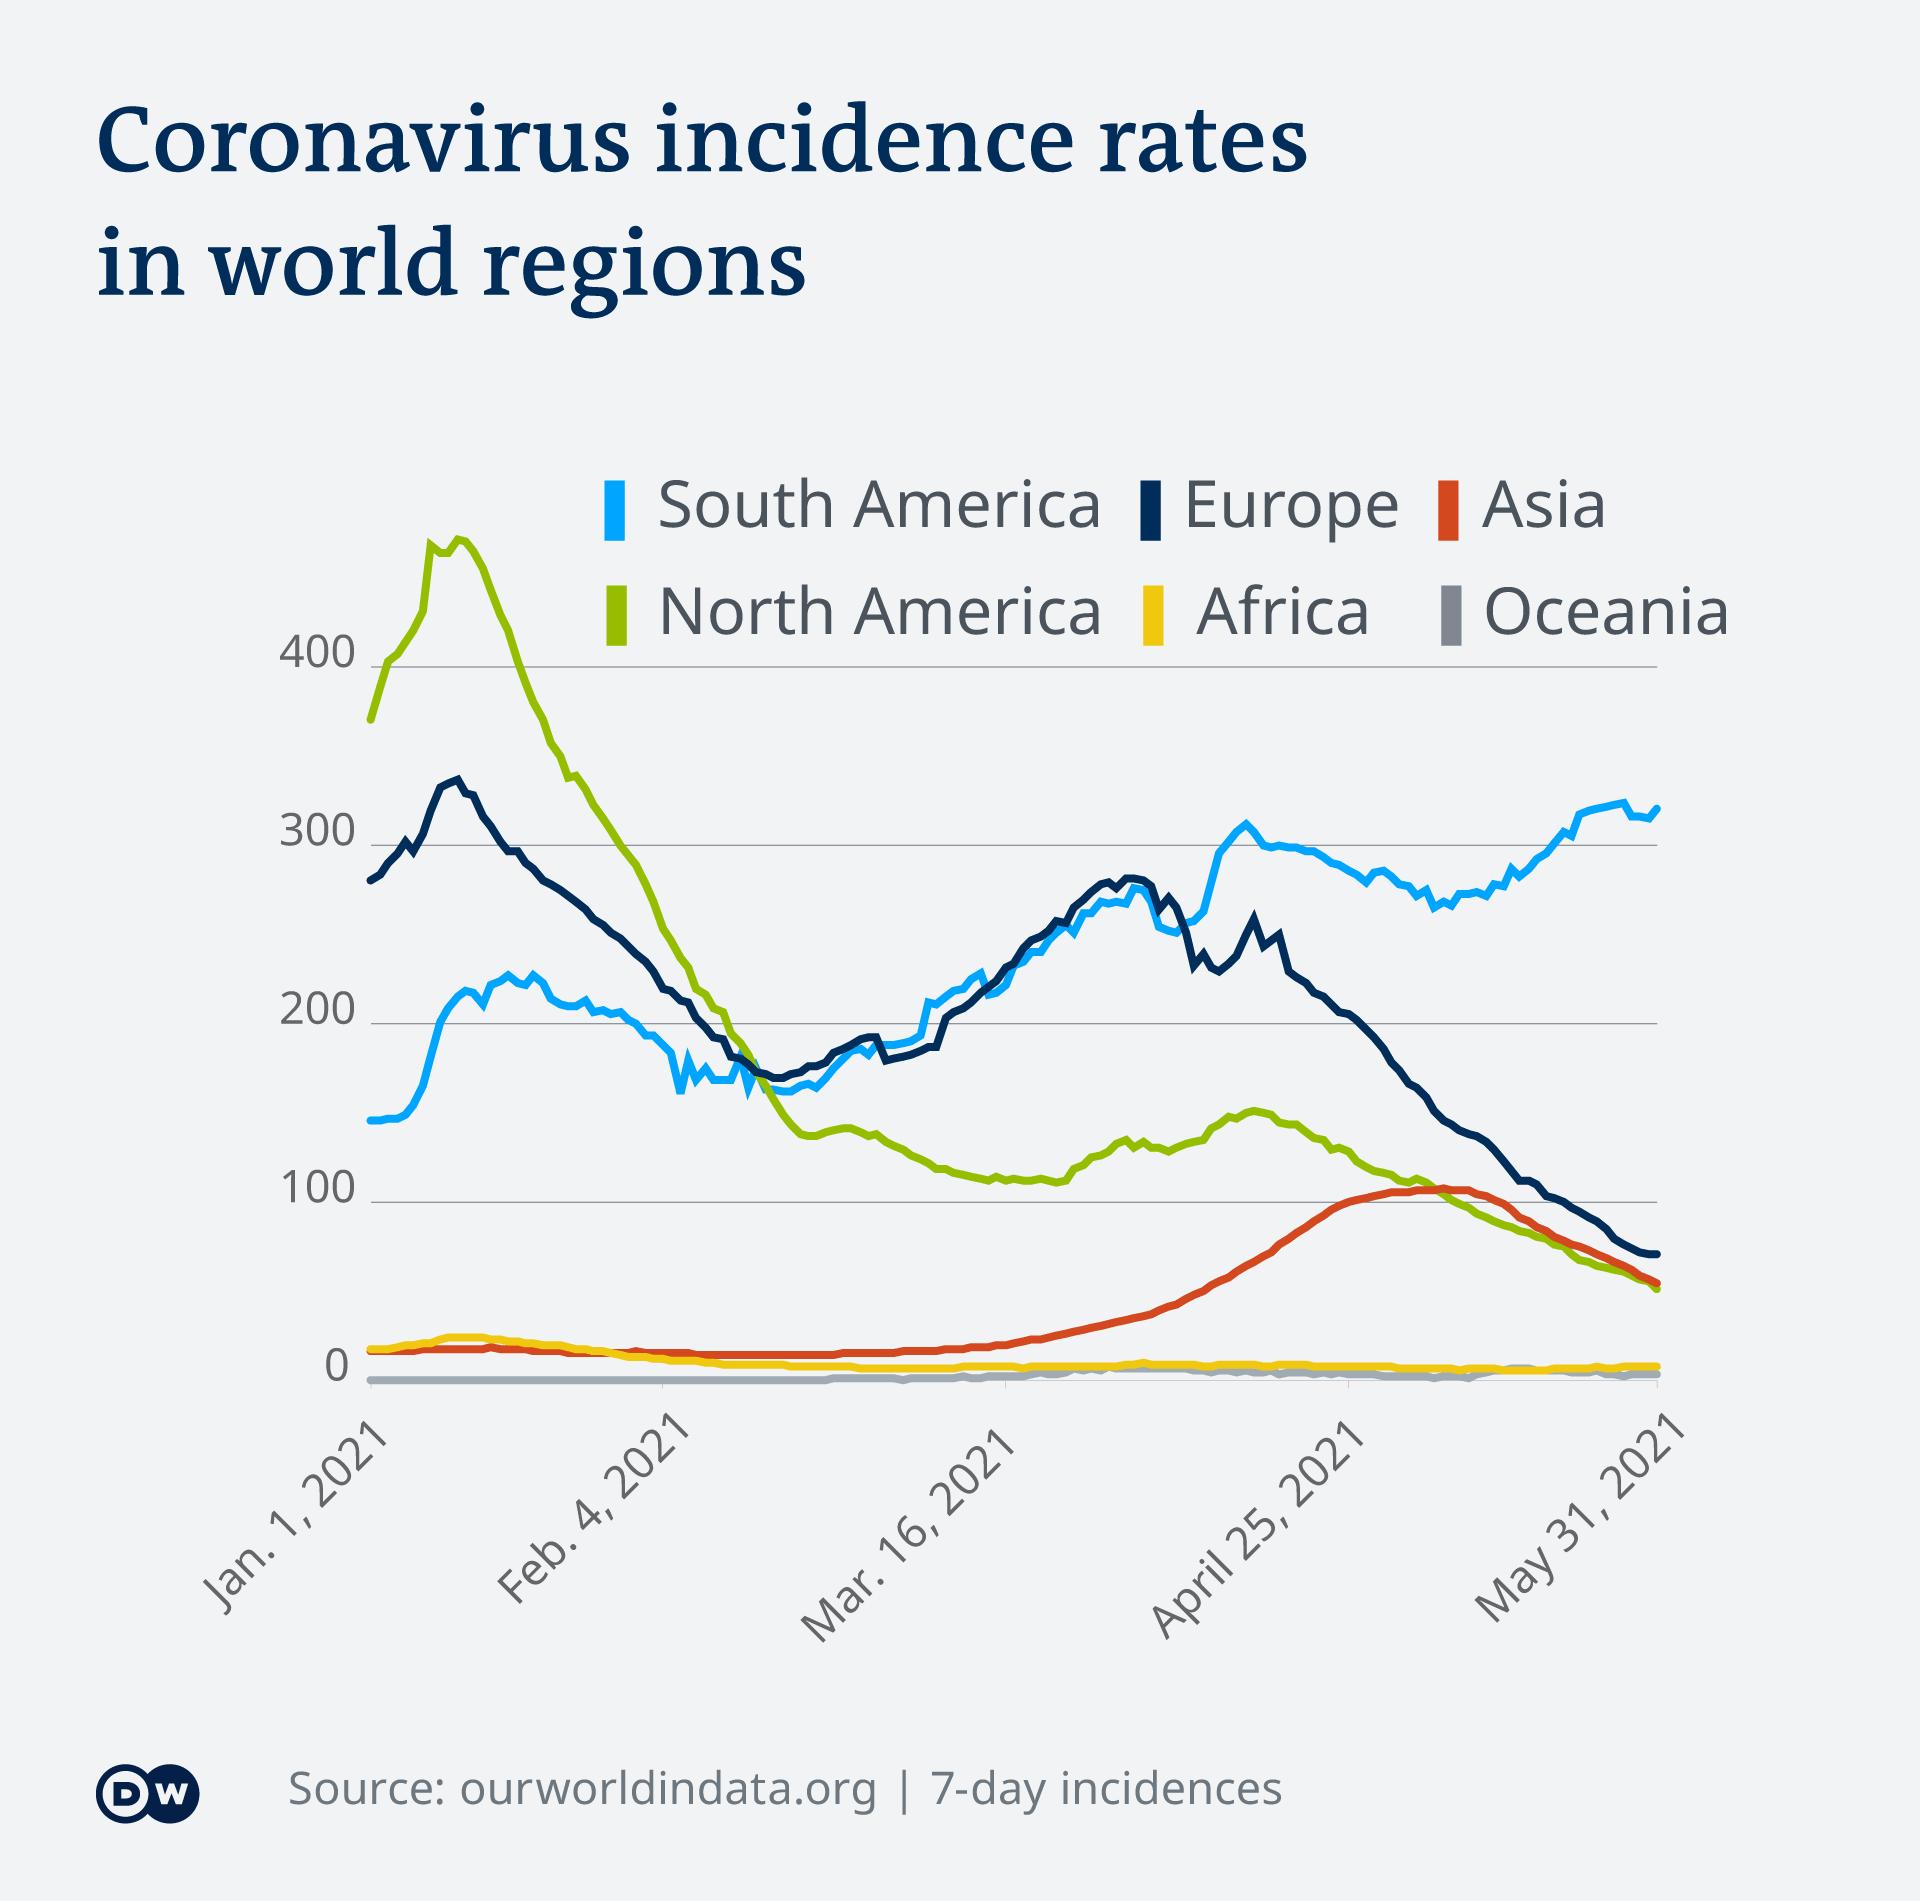 Coronavirus incidence rates worldwide